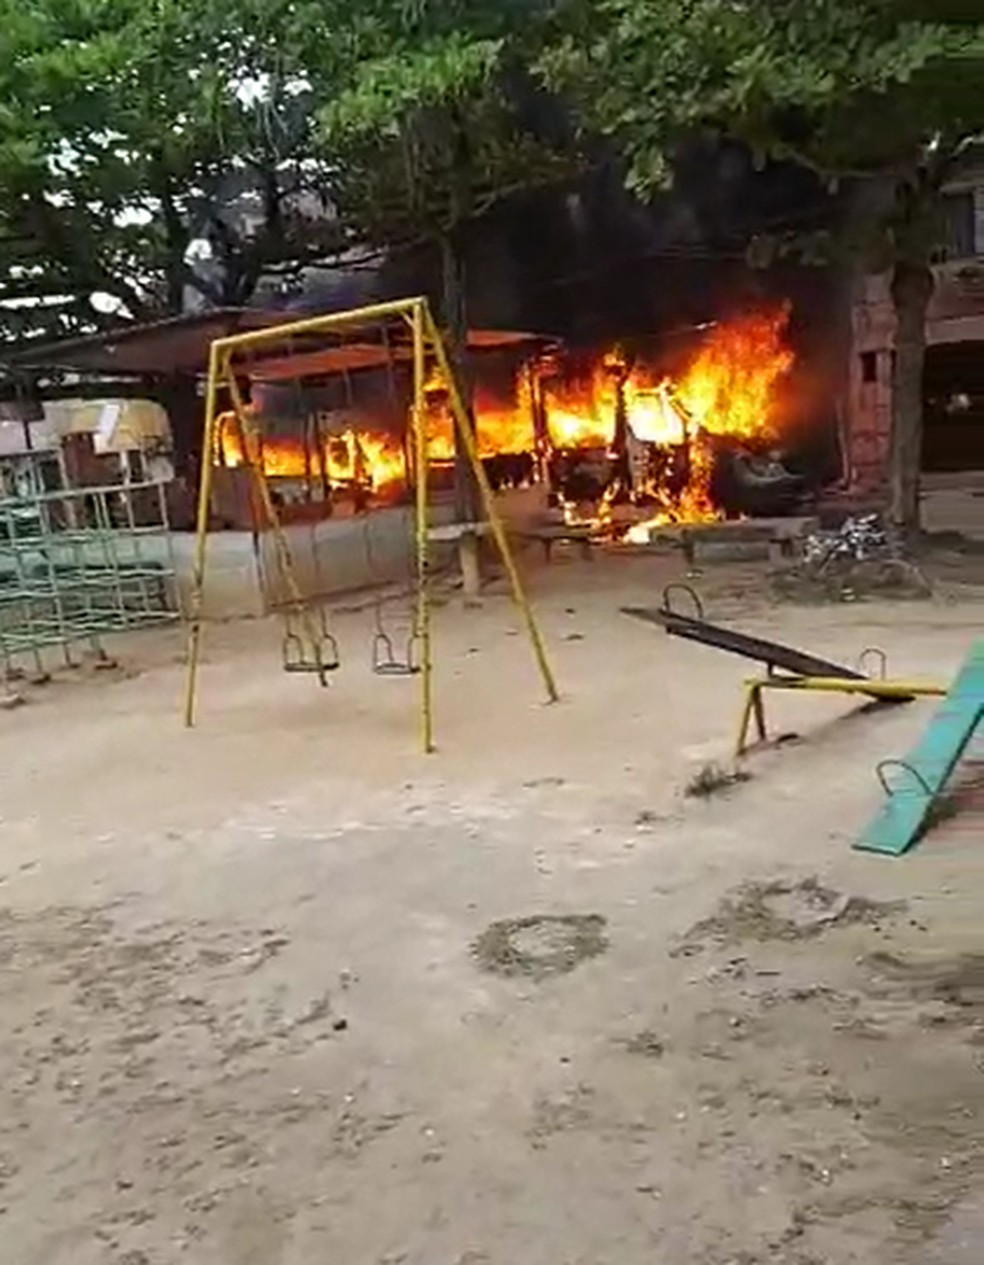 Fogo em veículo na Zona Oeste do Rio — Foto: Reprodução